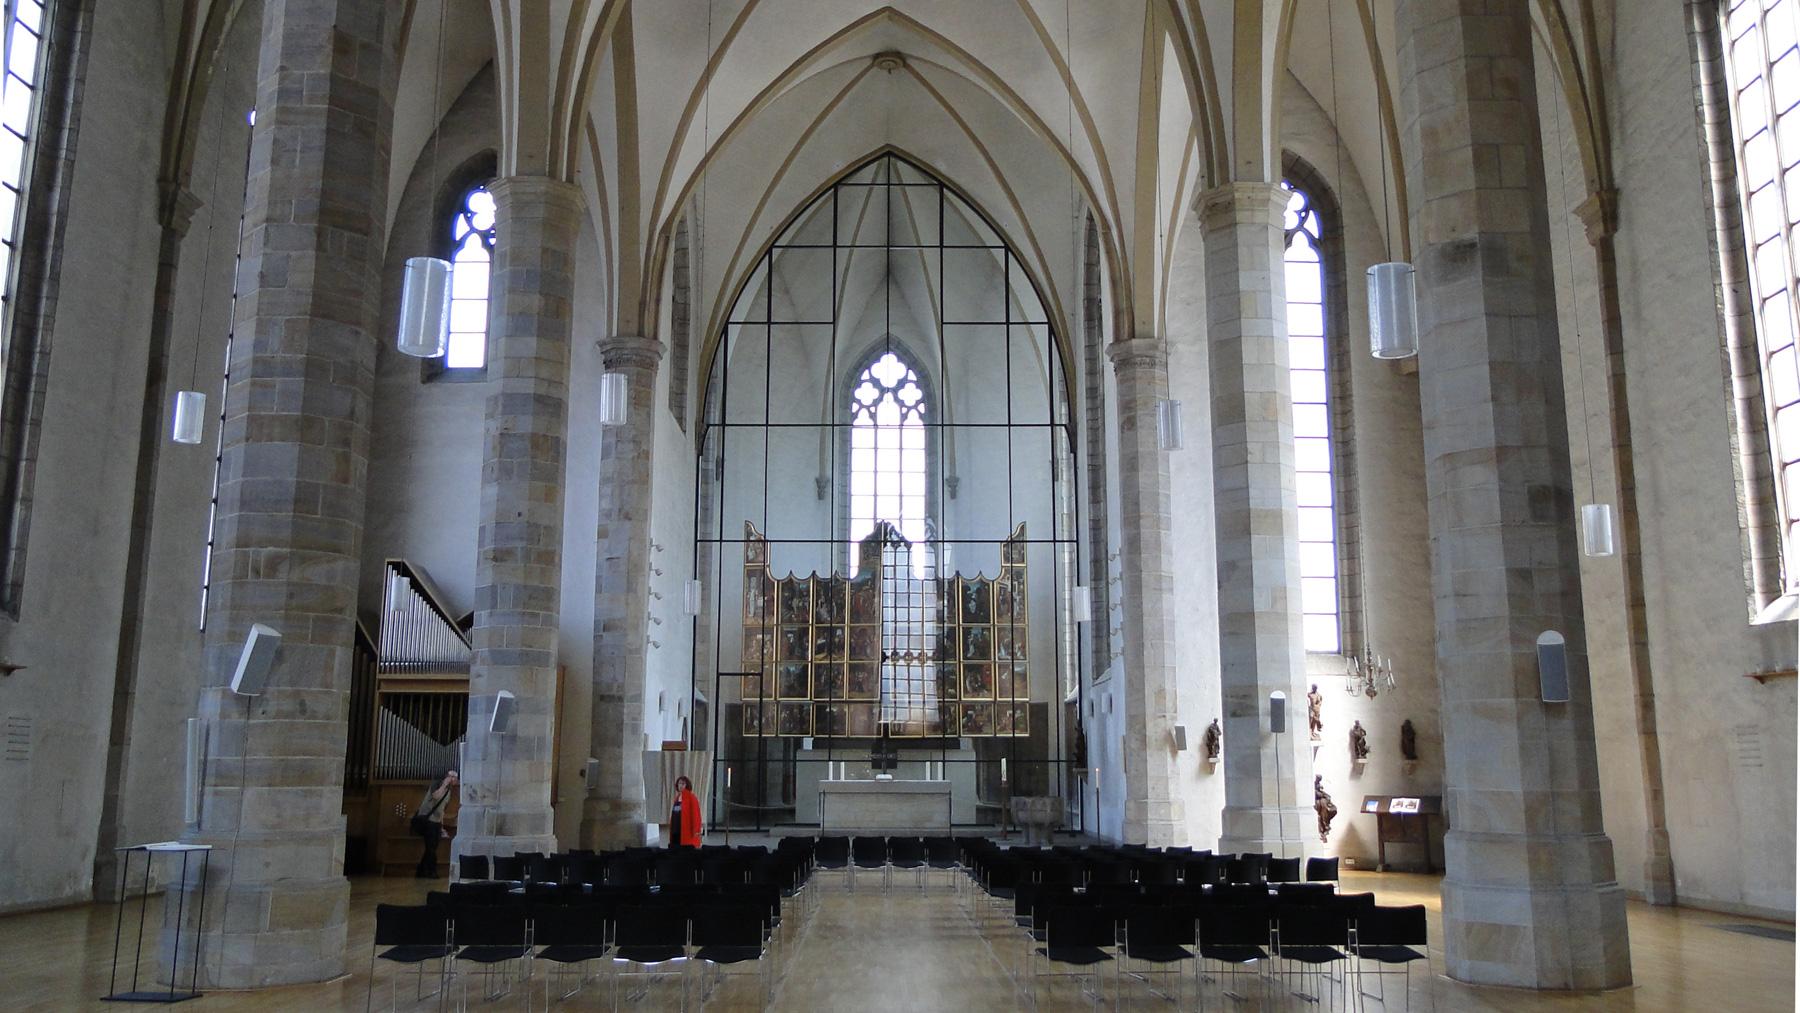 Innenansicht der St Petri Kirche. Im Zentrum der Flämische Flügelaltar von 1522